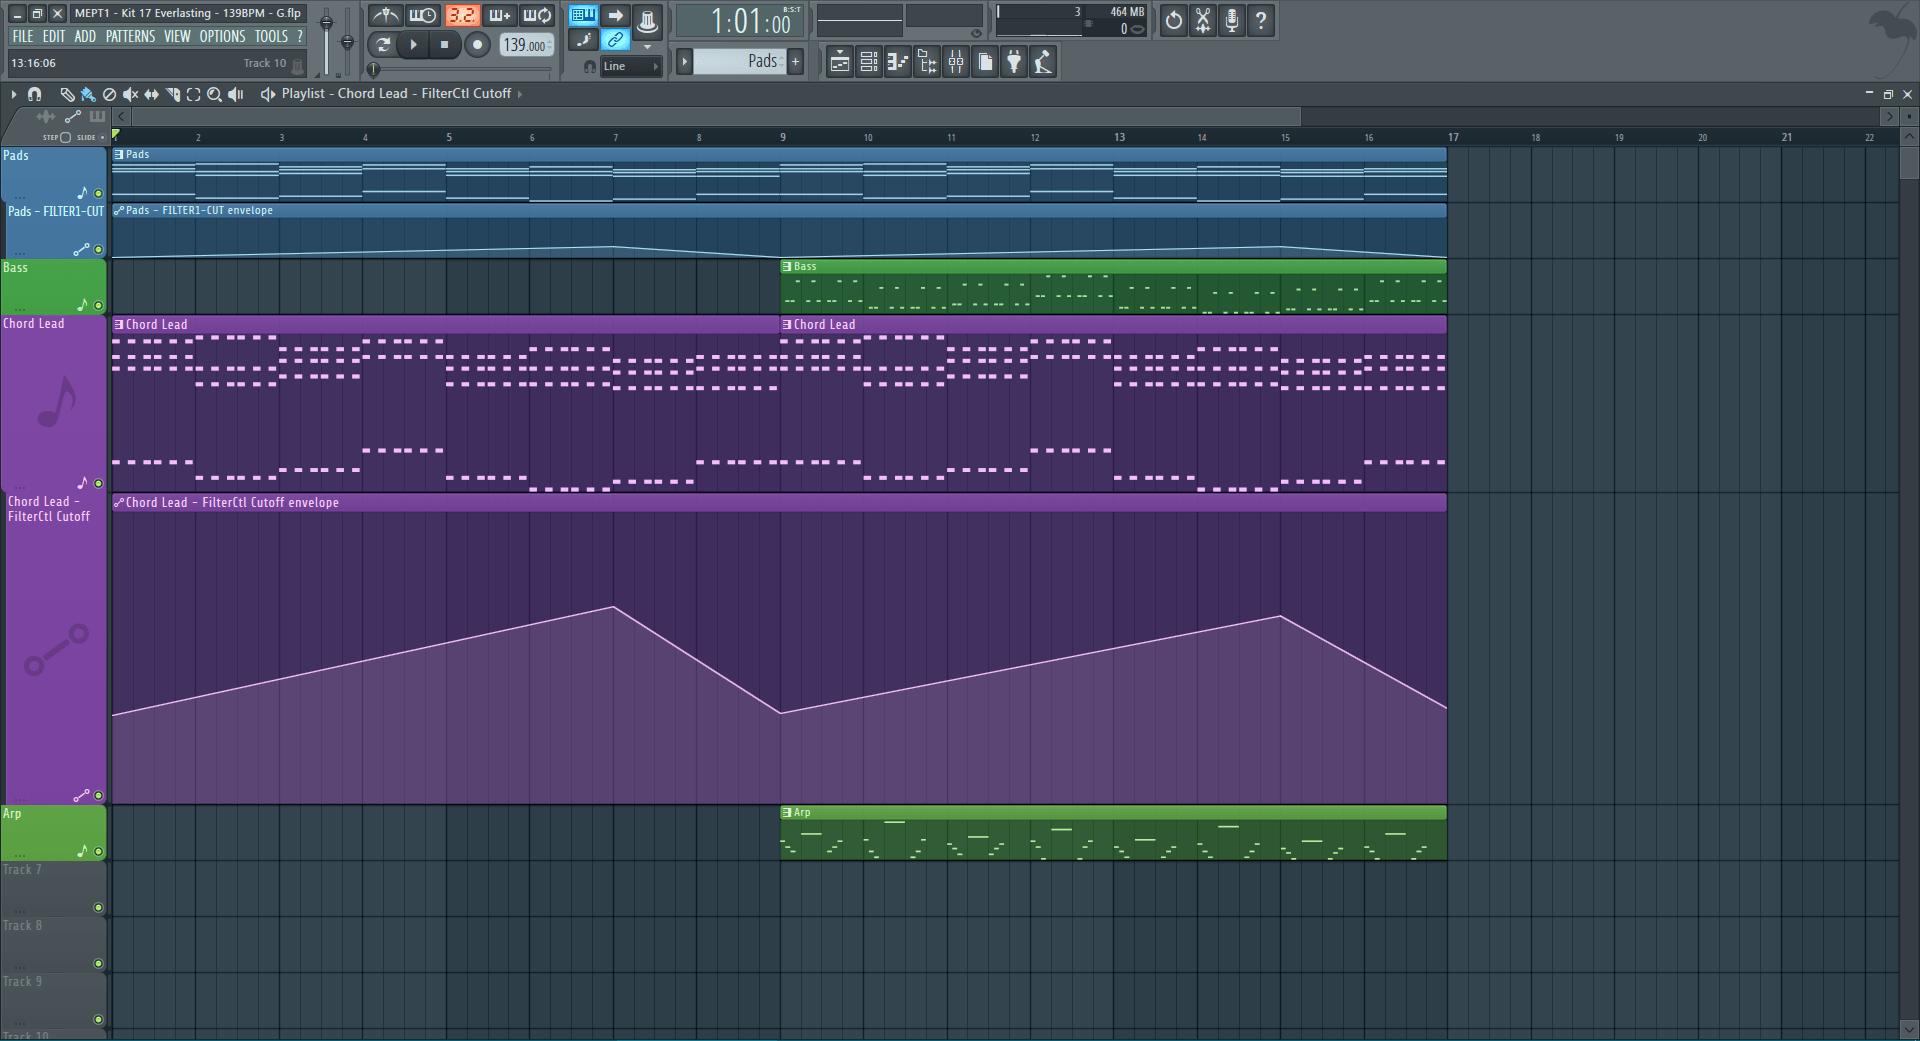 Сэмплы транс fl studio 9